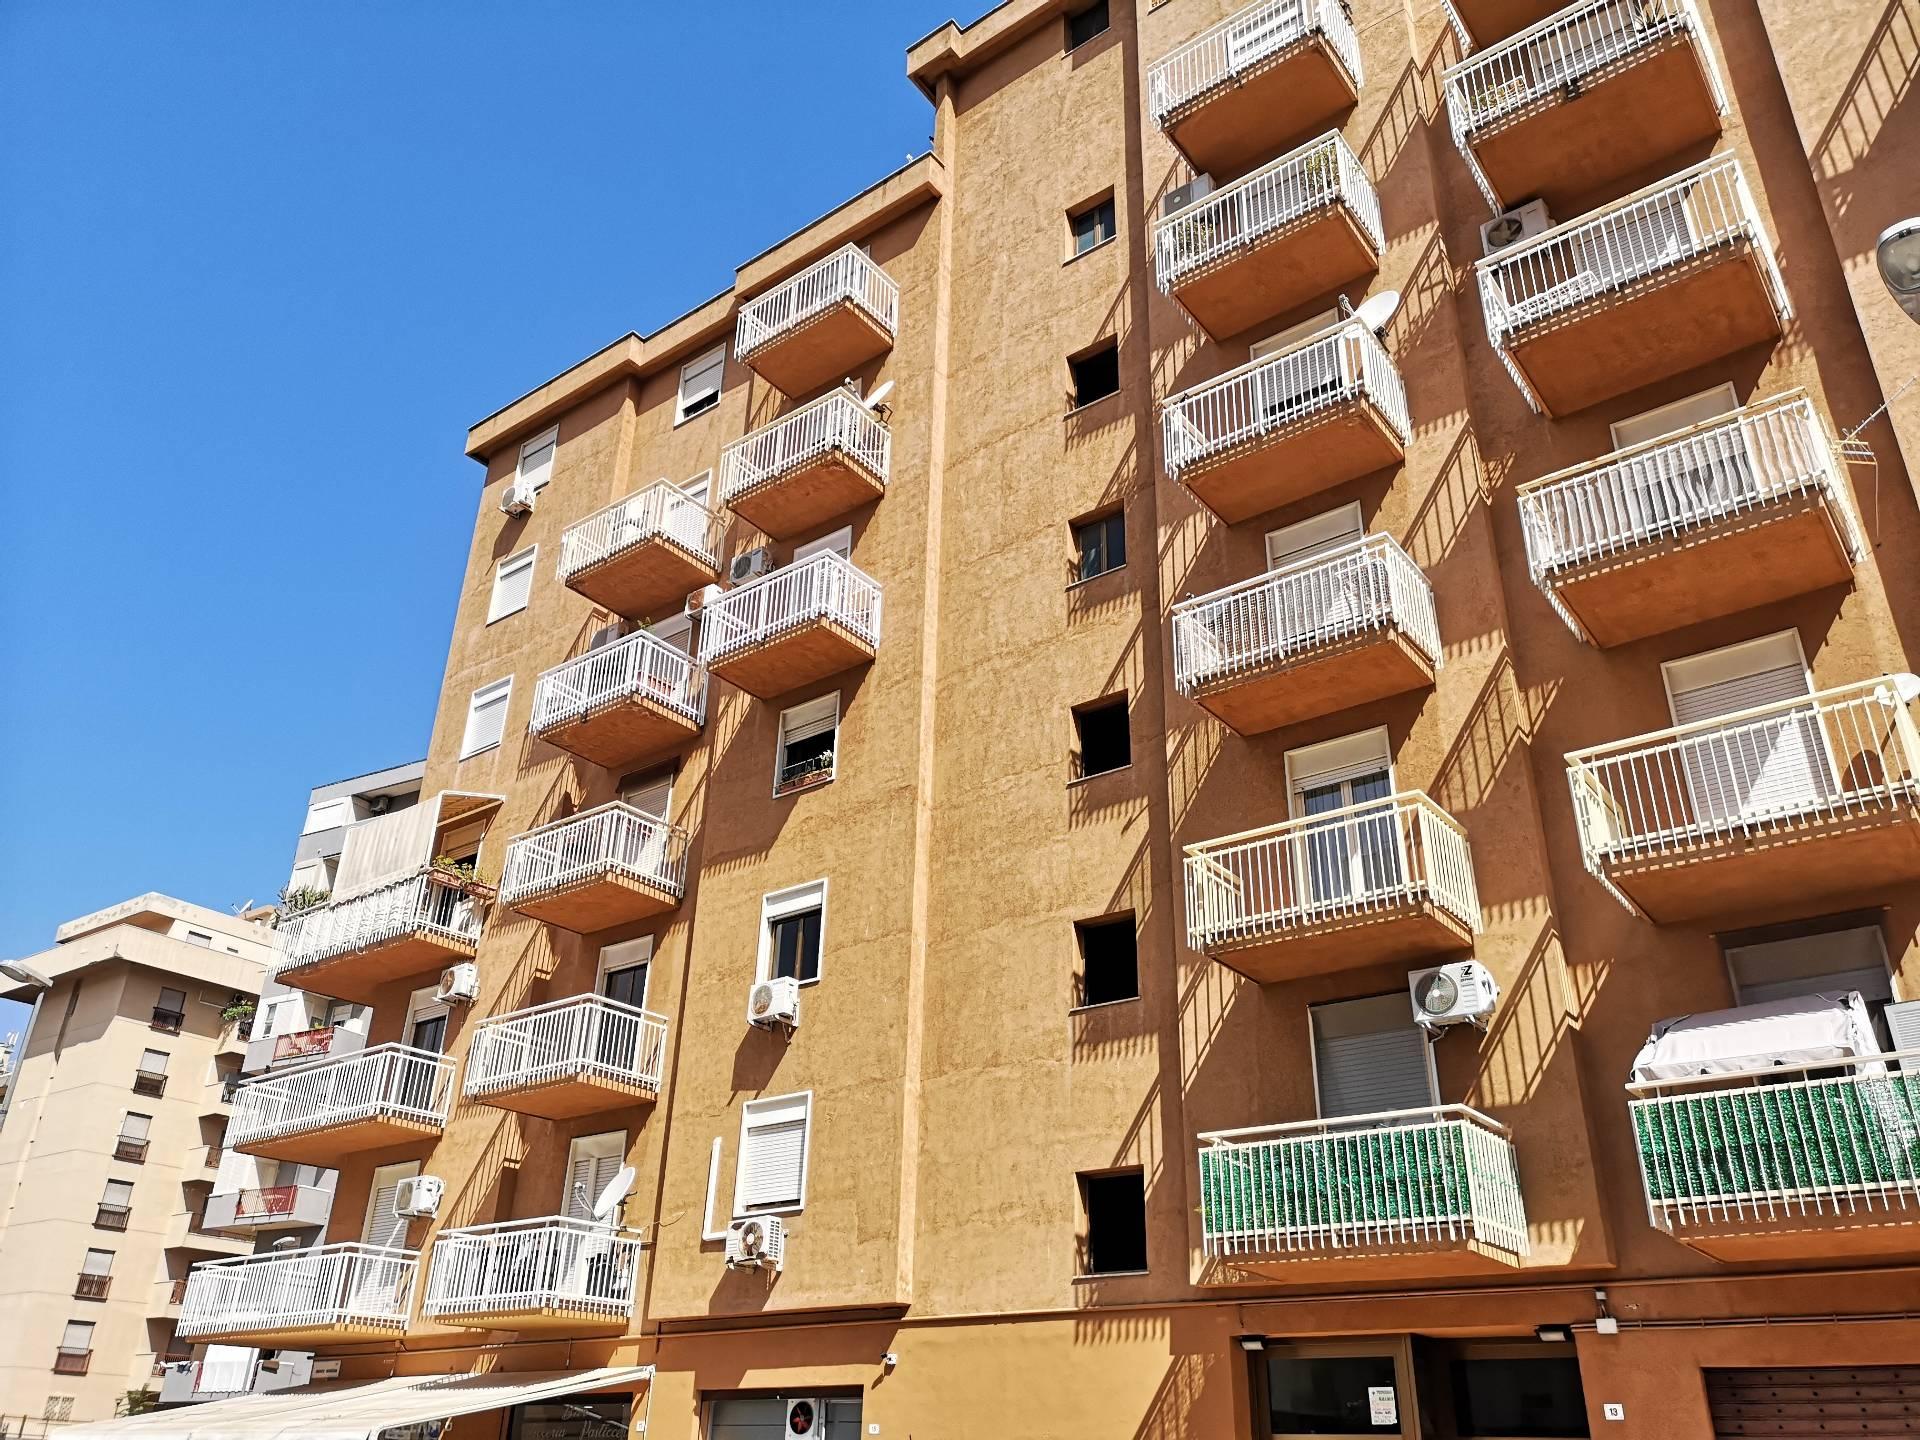 APPARTAMENTO in Vendita a Fiera, Palermo (PALERMO)